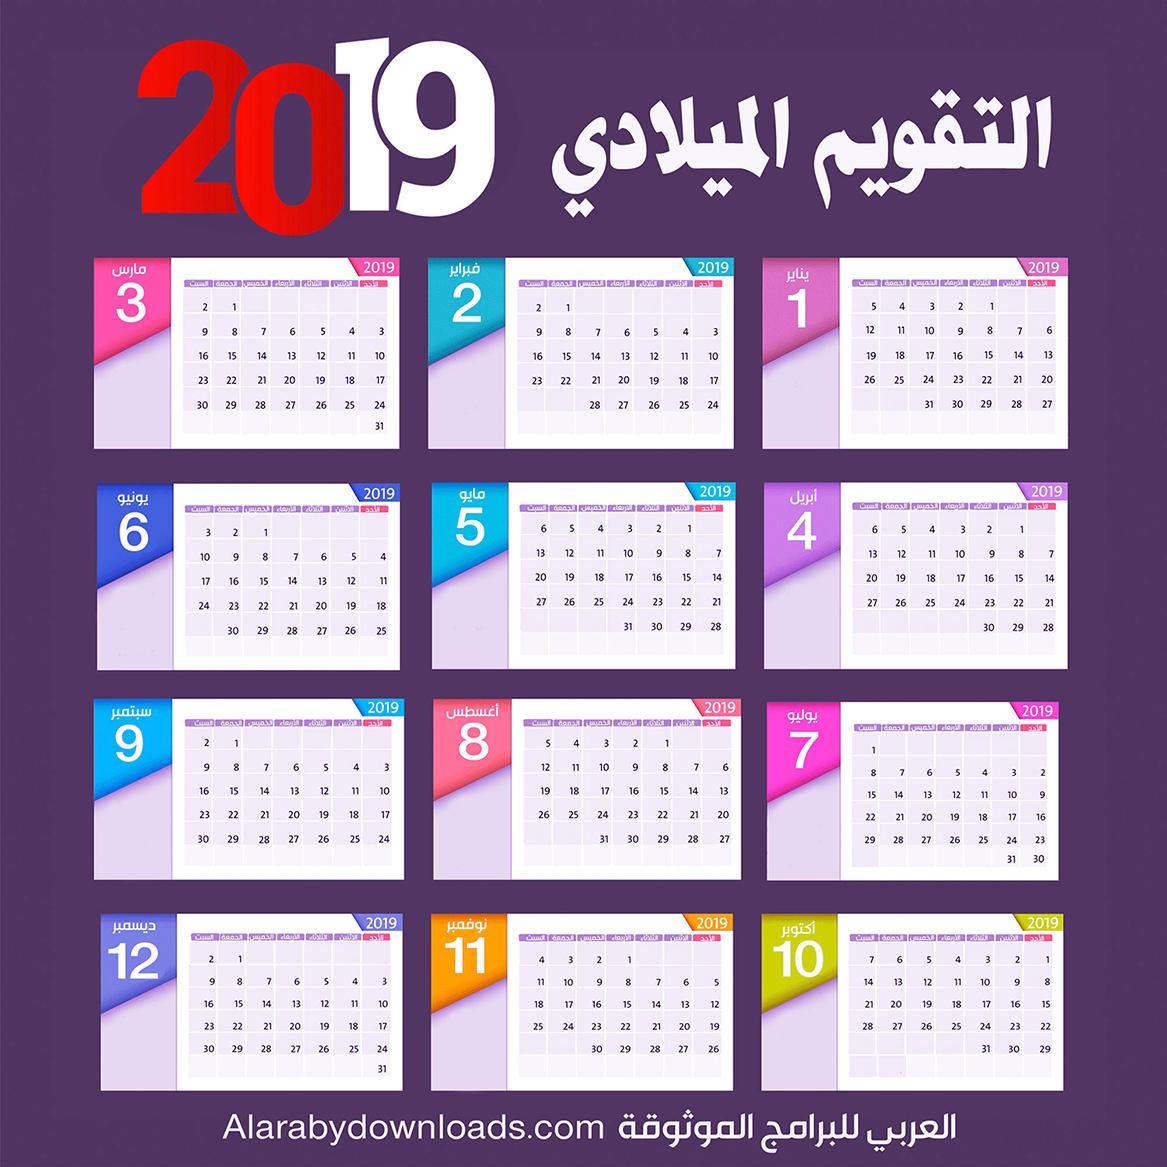 تقويم ميلادي 2019 يبدأ من يوم الأحد خاص بالطلبة والموظفين